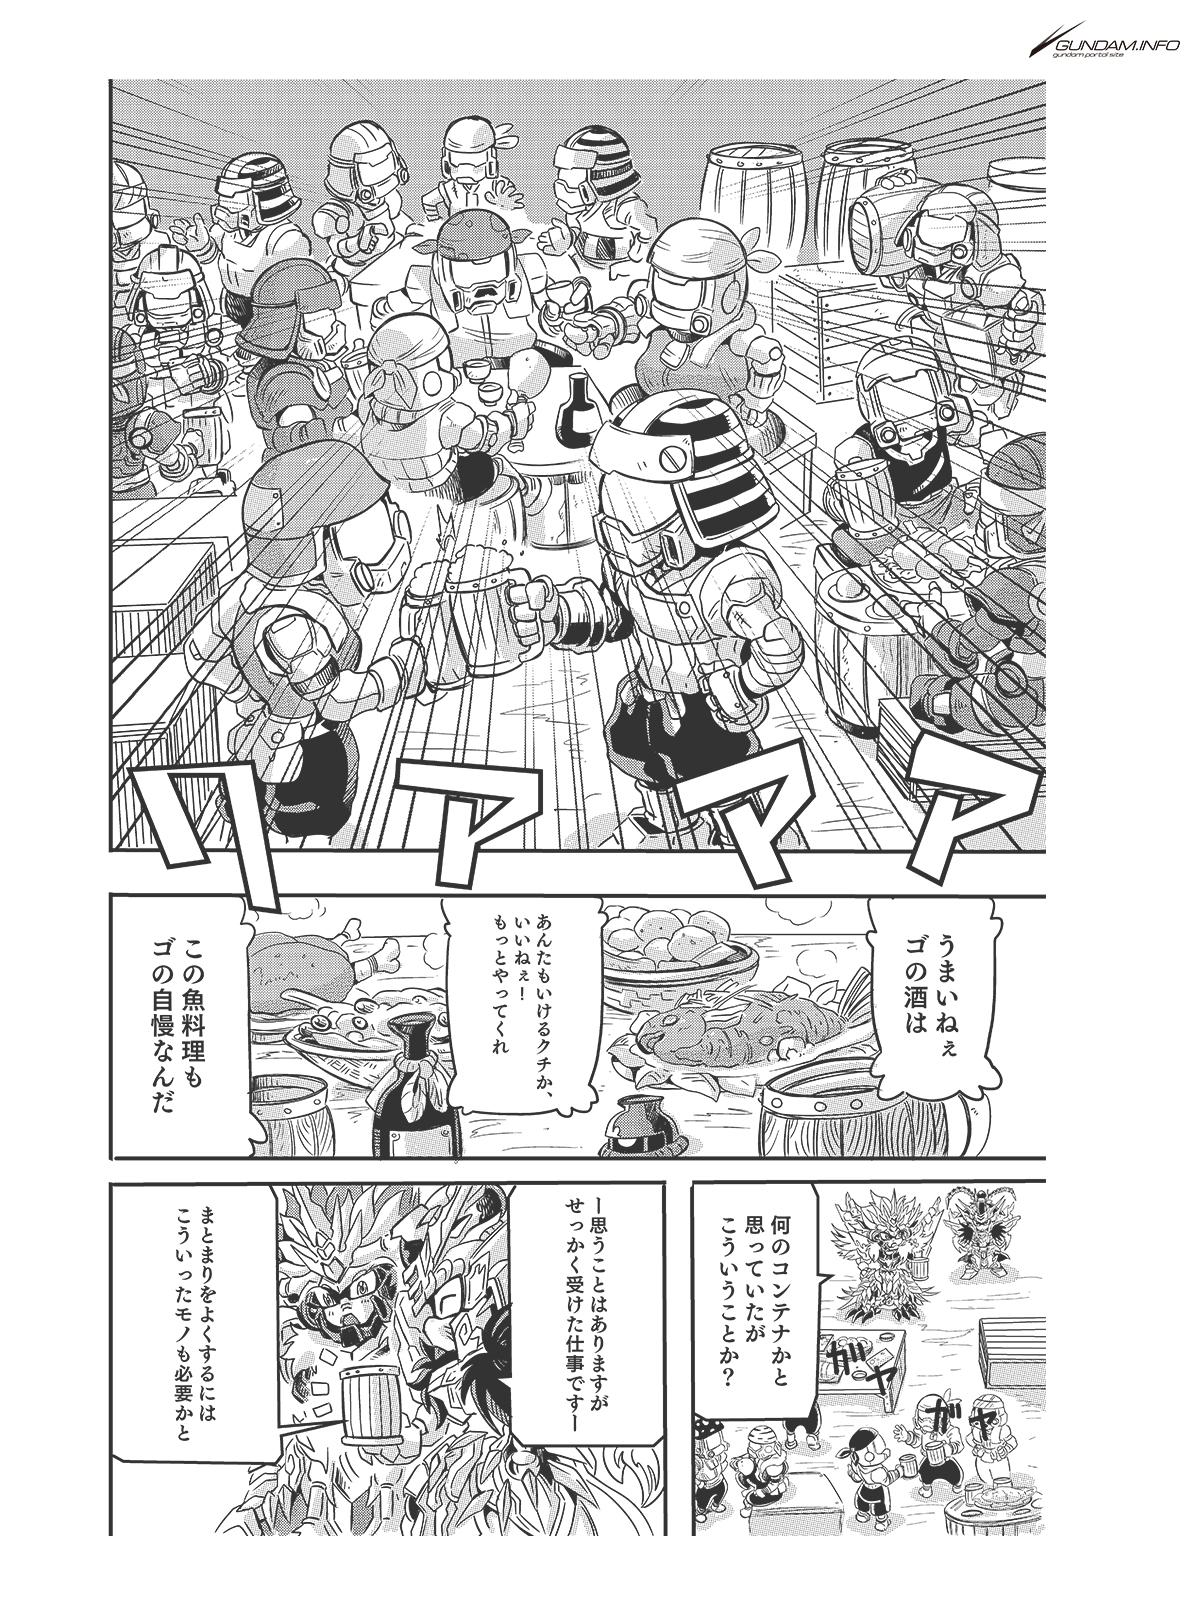 SDガンダムワールド 三国創傑伝 焔虎譚 第8話 P2